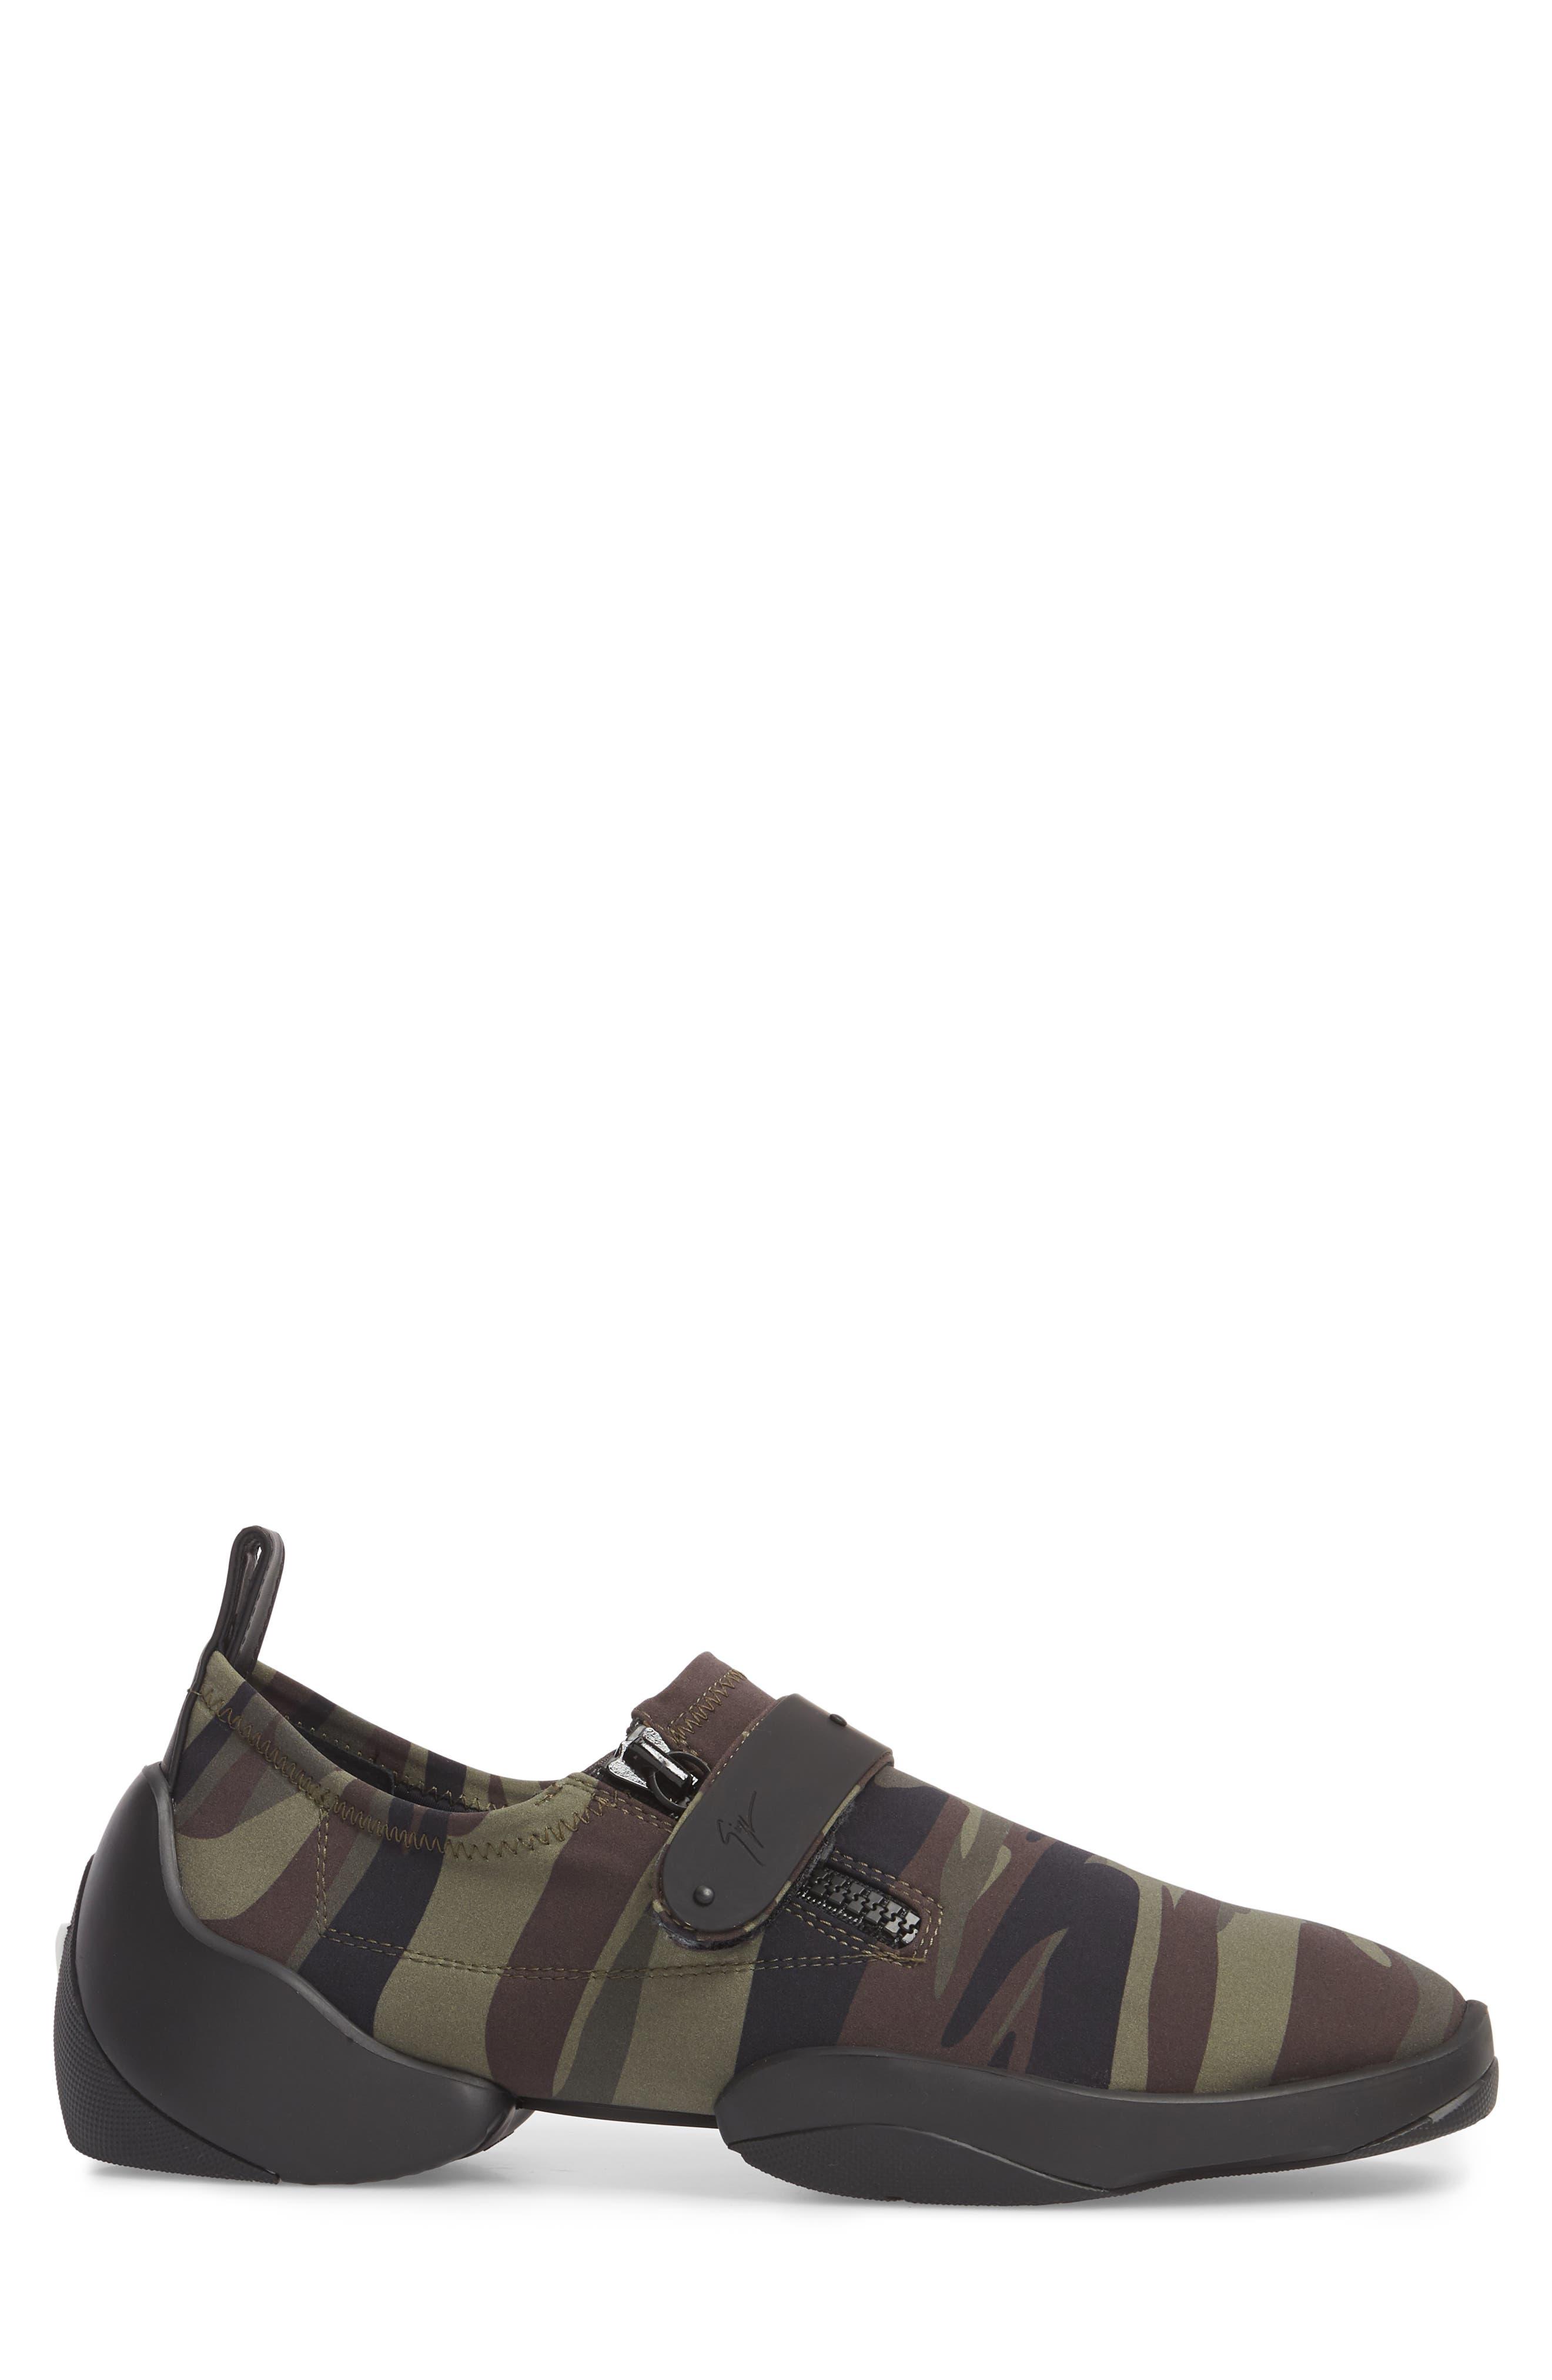 Scuba Strap Sneaker,                             Alternate thumbnail 3, color,                             Military Neoprene